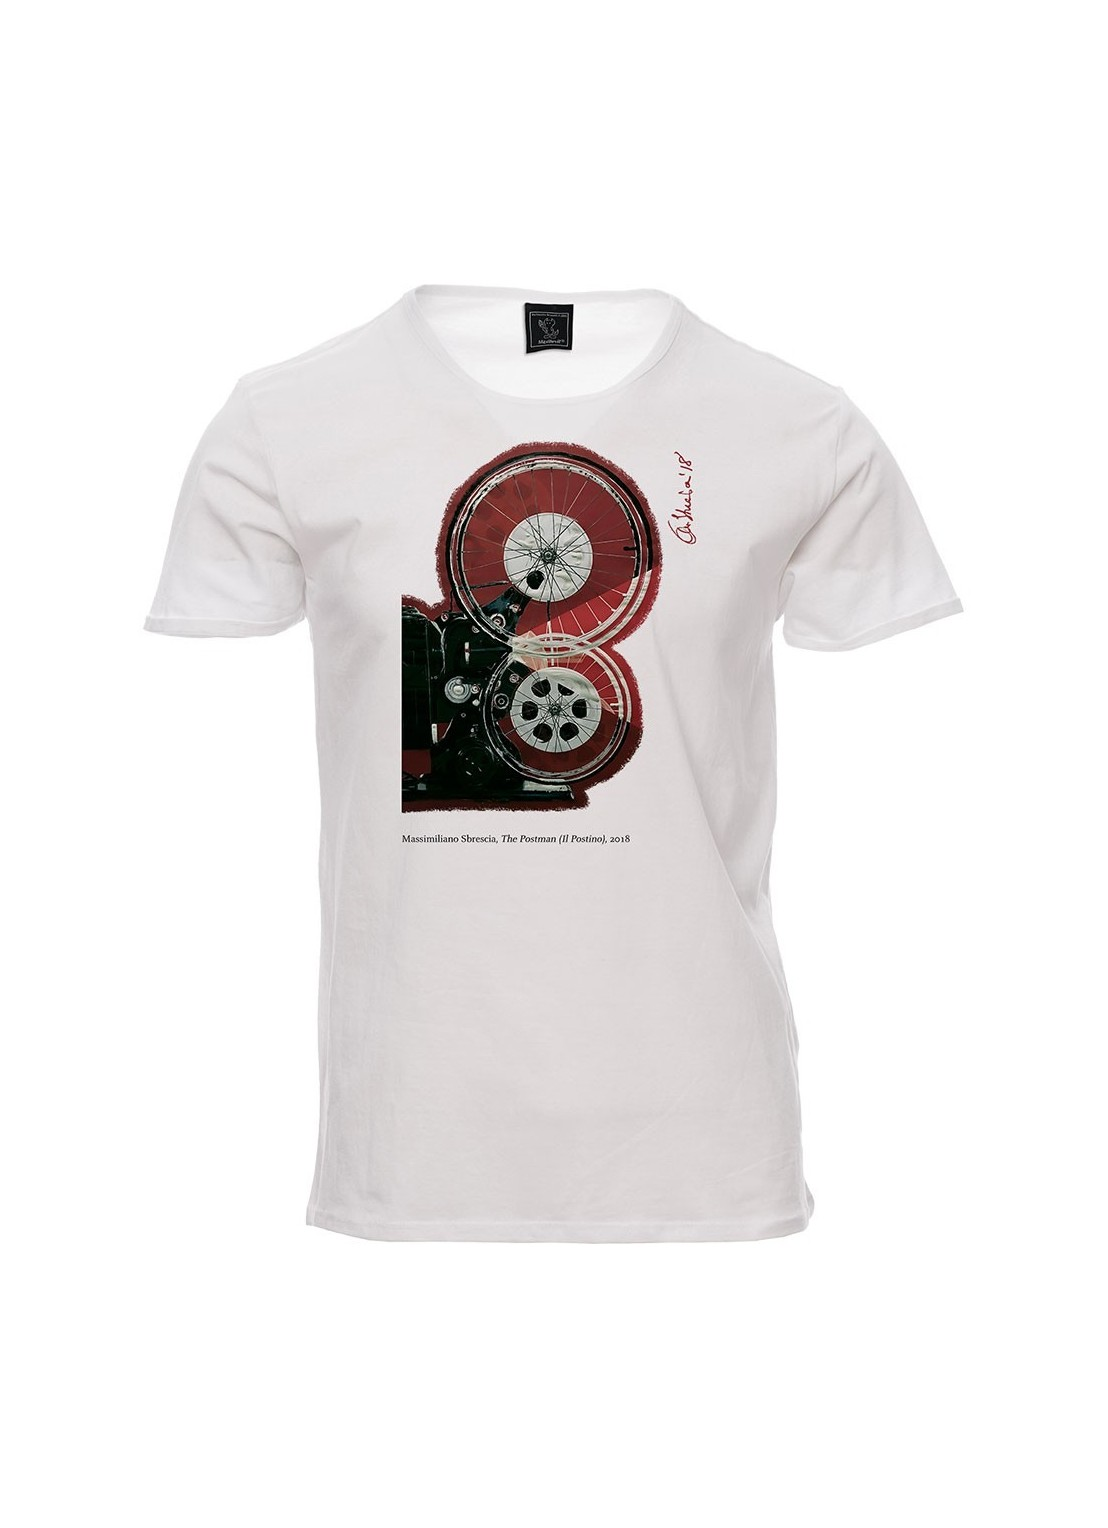 T-shirt CHE SIA BENEDETTA - Fiorella Mannoia